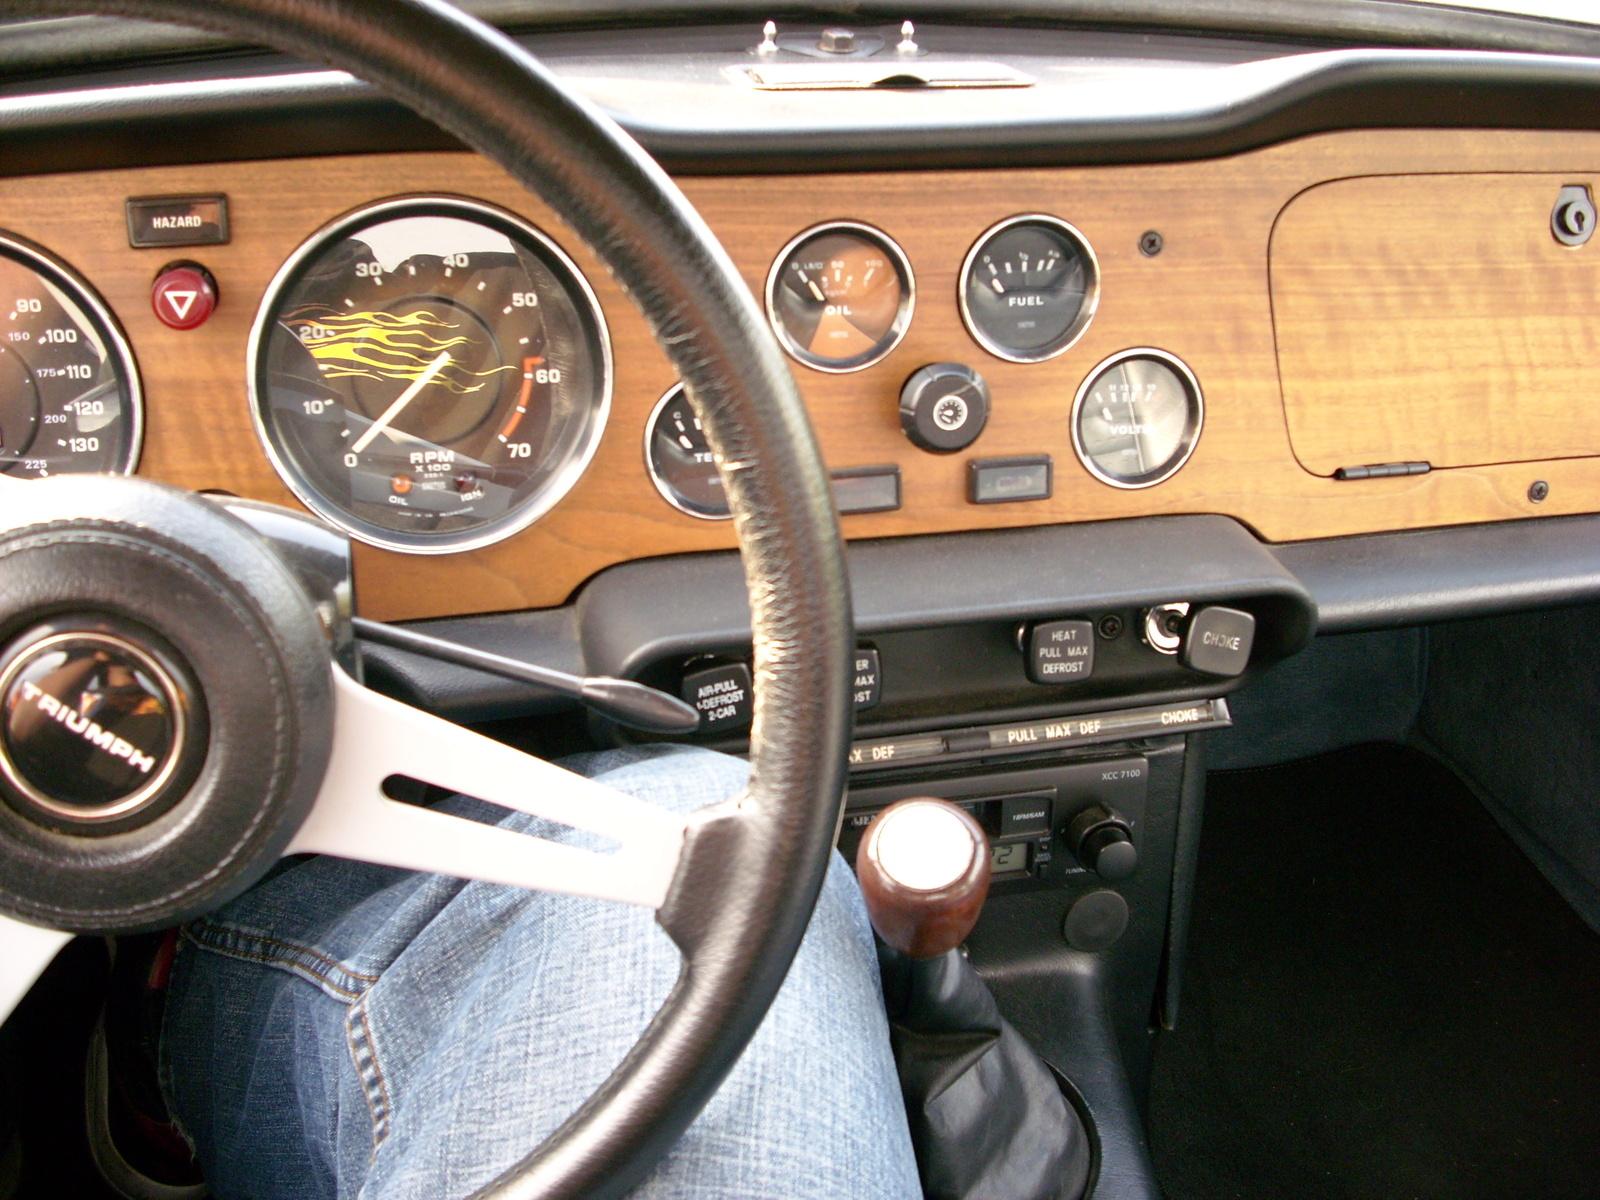 1974 Triumph Tr6 Interior Pictures Cargurus